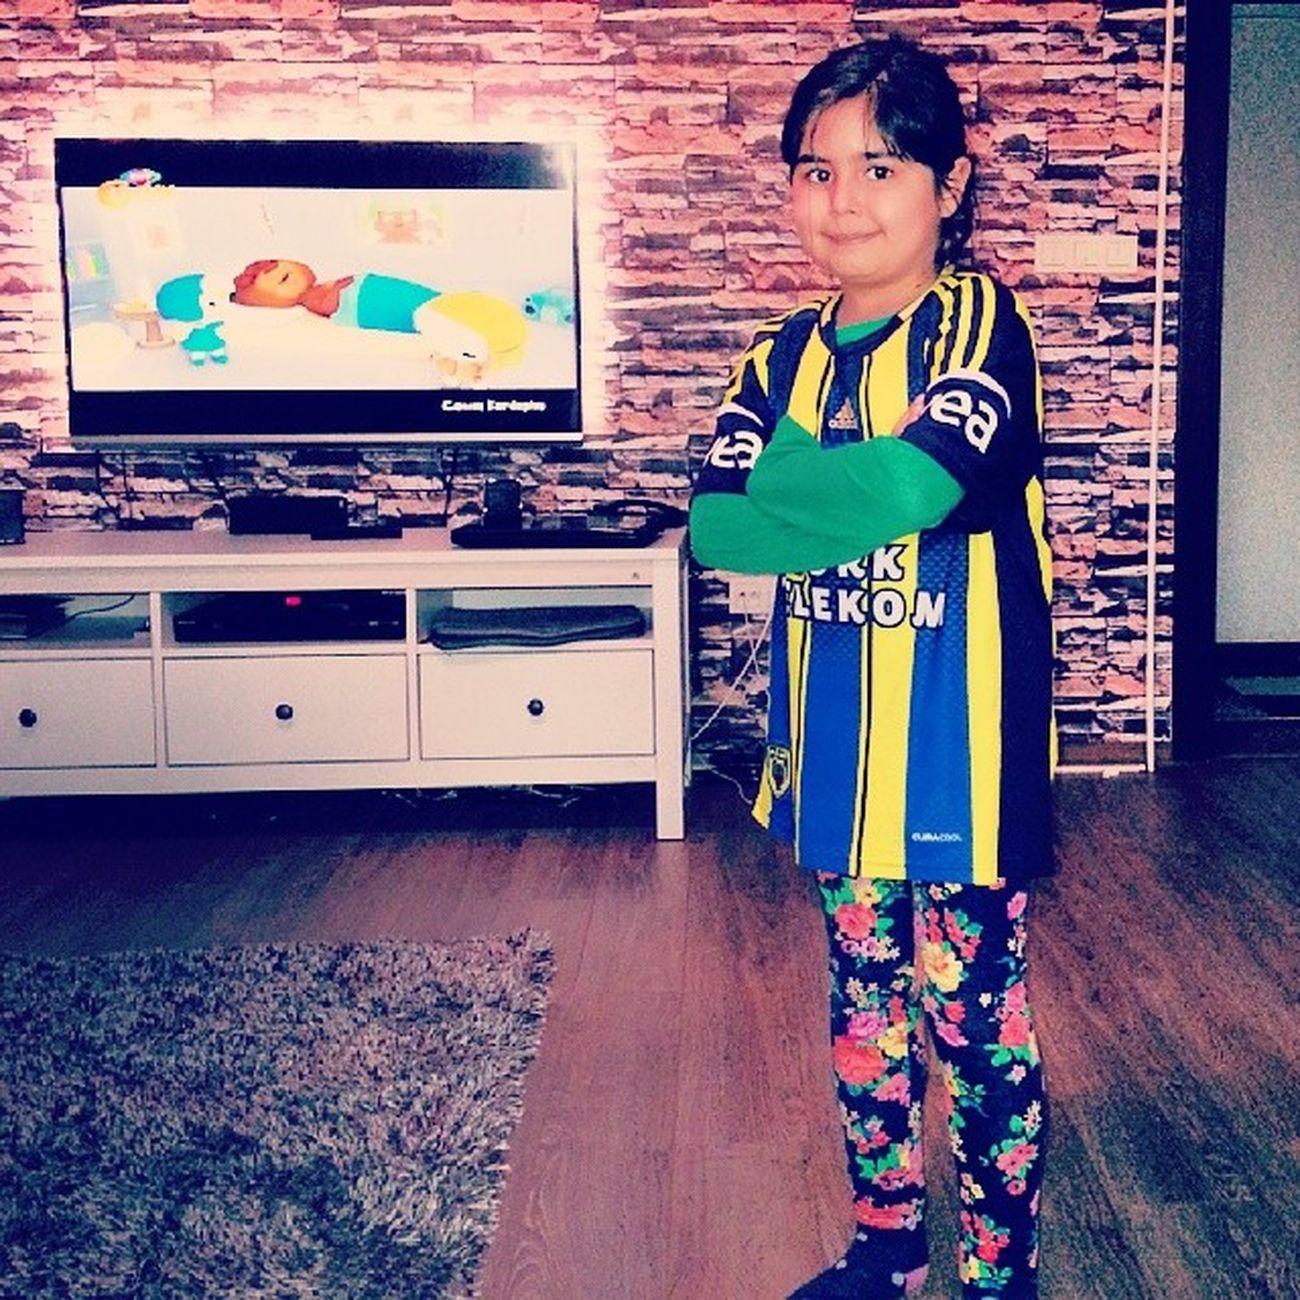 Fenerbahçe formamızla gittik sandığa..kime oy verdiğimizi kimse bilmiyor..! Ama kime oy vermediğimizi herkes biliyor..!! Fenerbah çe InstaFB